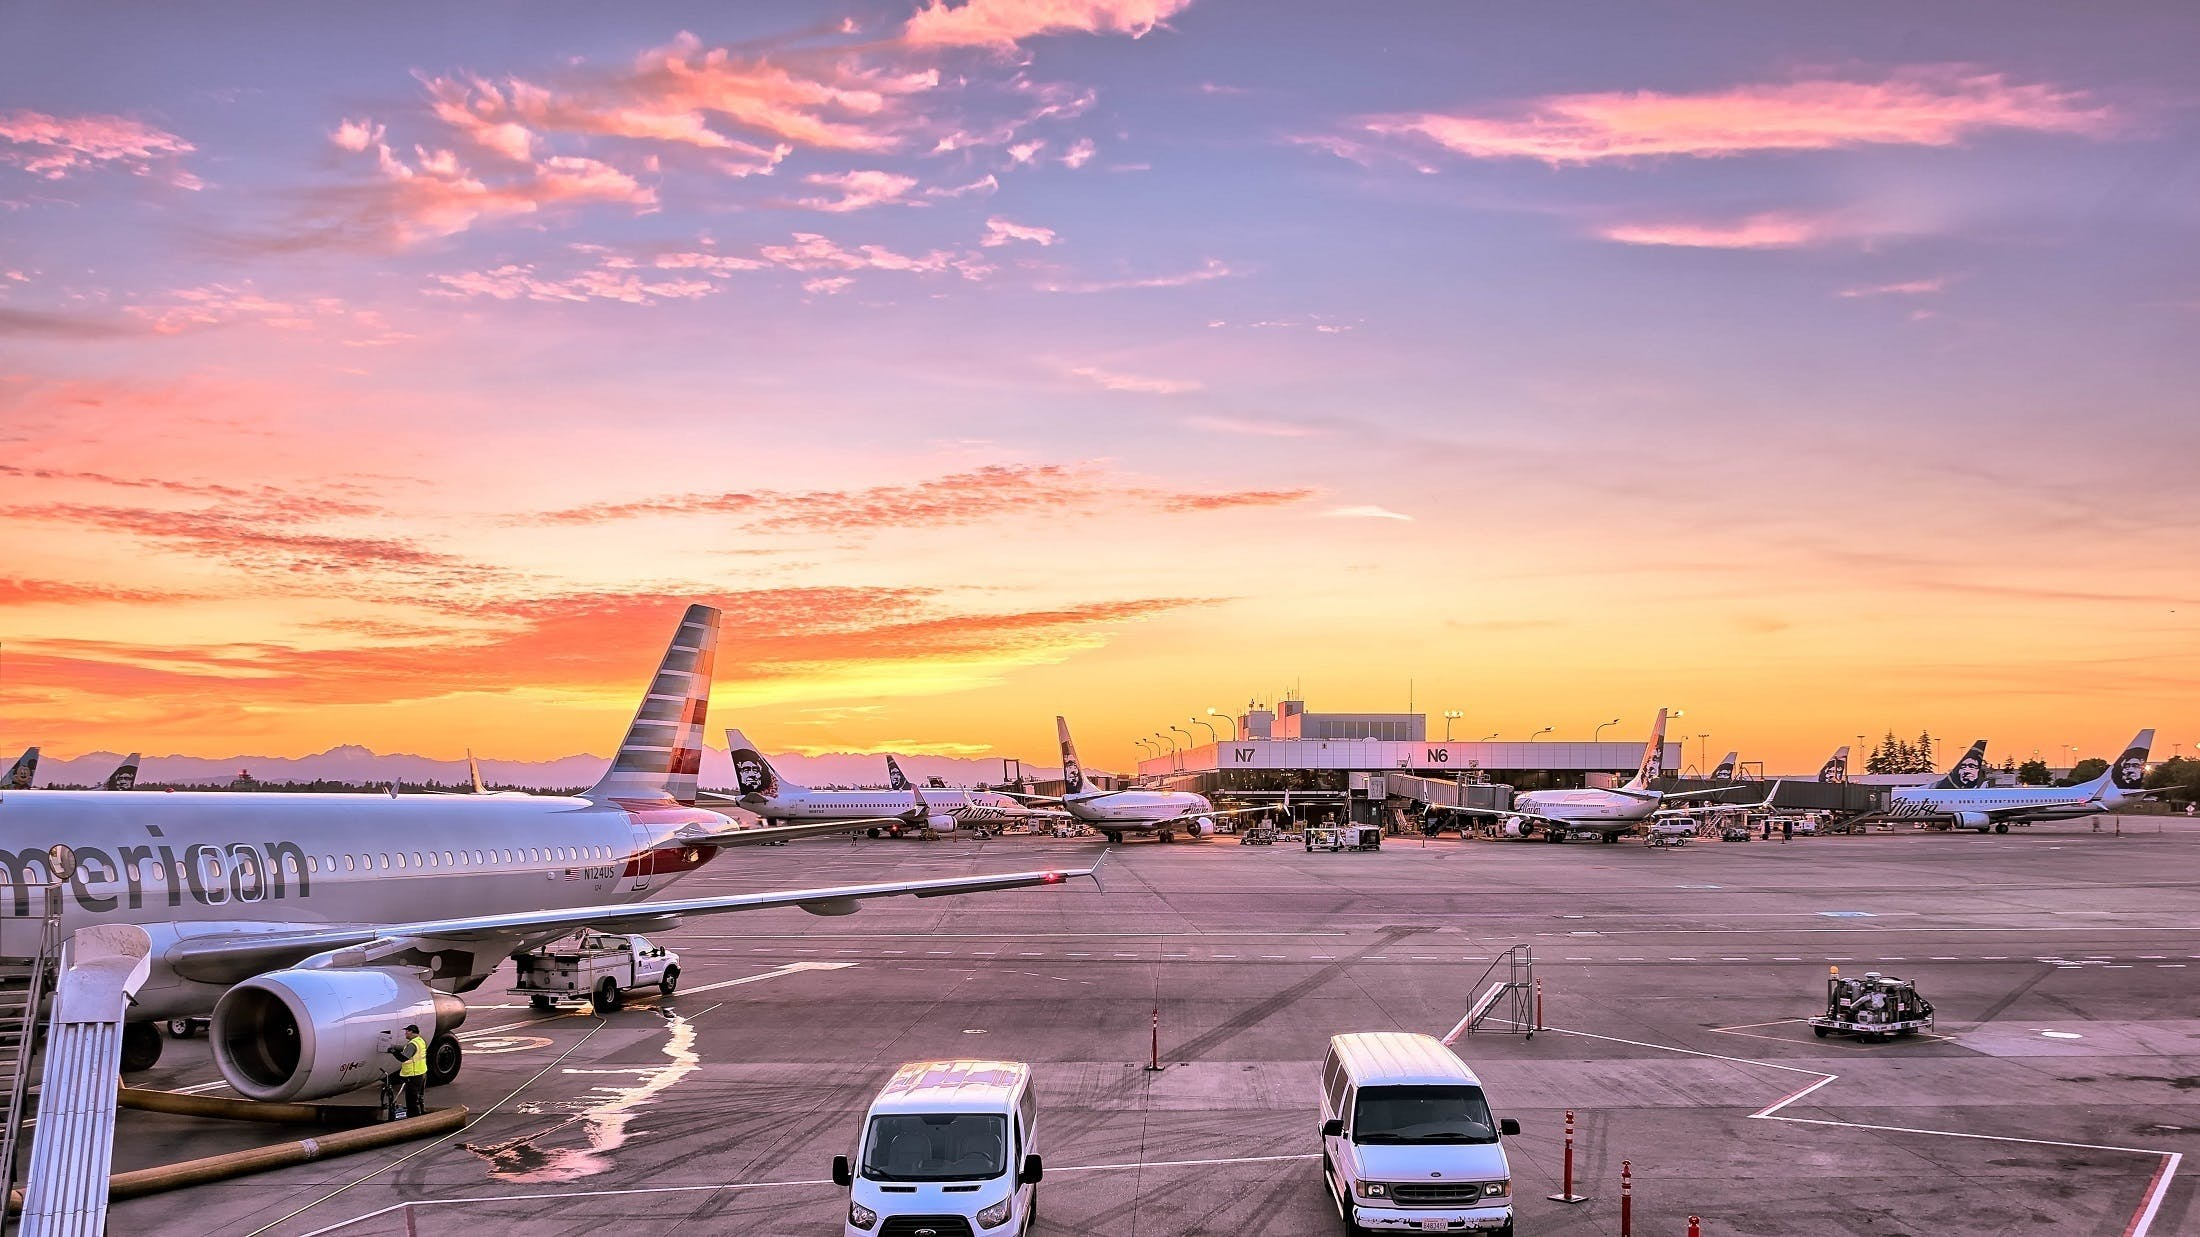 αεροδρόμιο, αεροπλάνα, αεροπλάνο